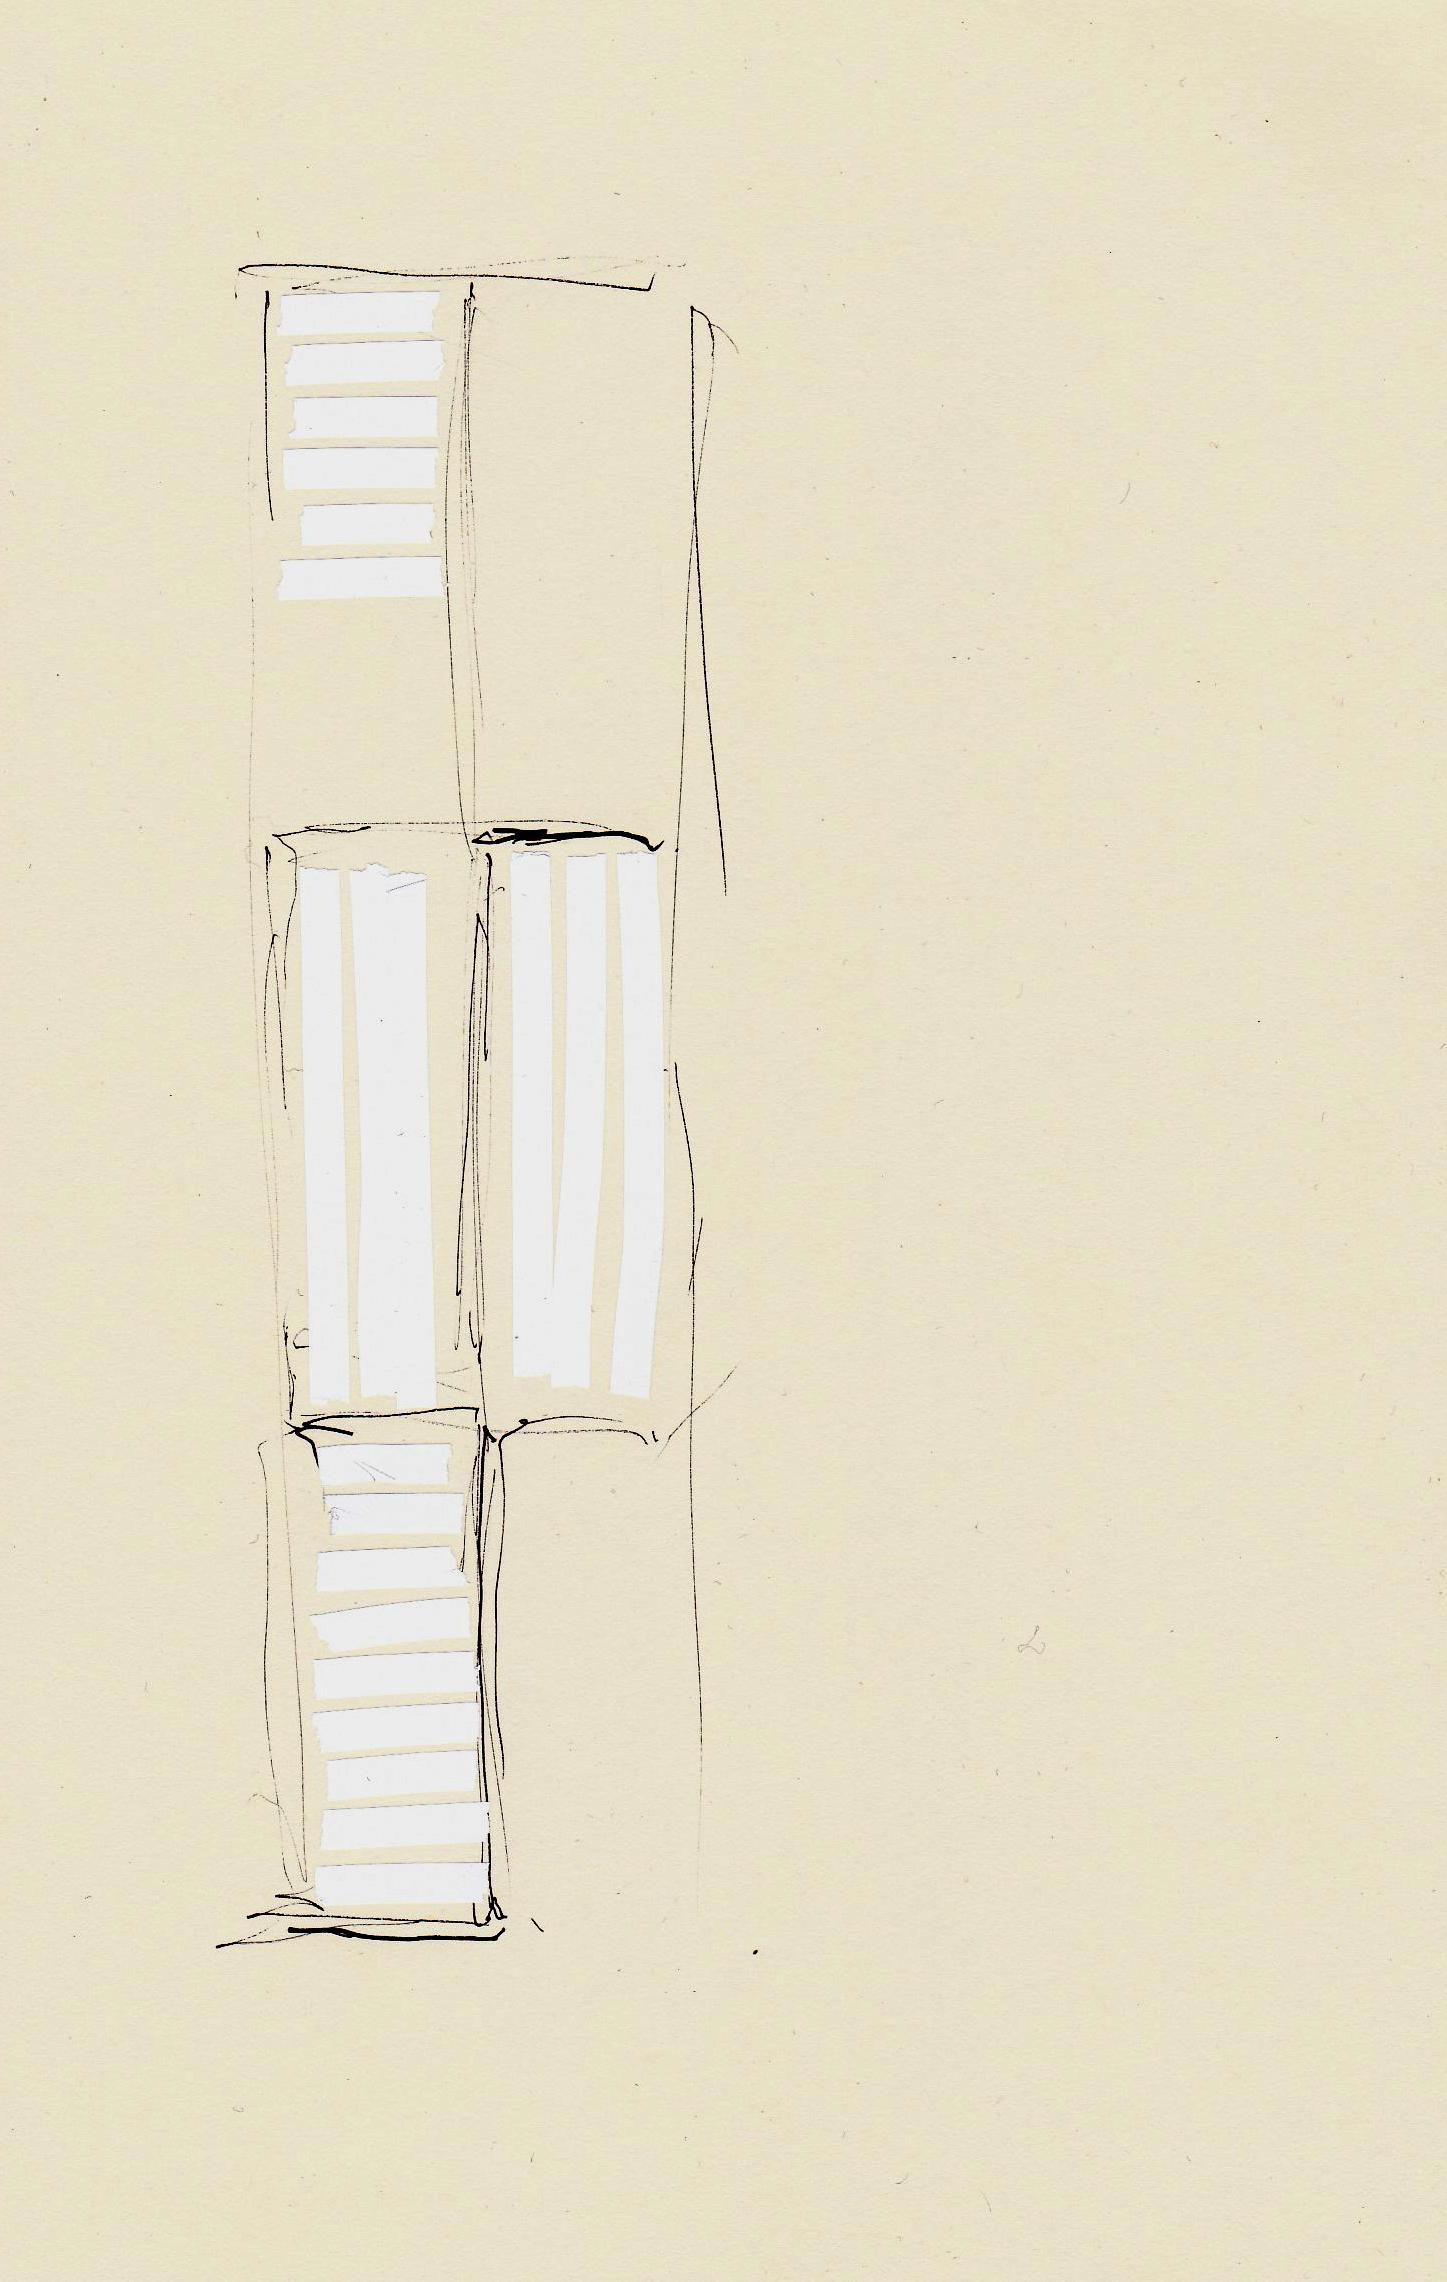 L. CHAOUAT Carnet 1.1 21x29 cm